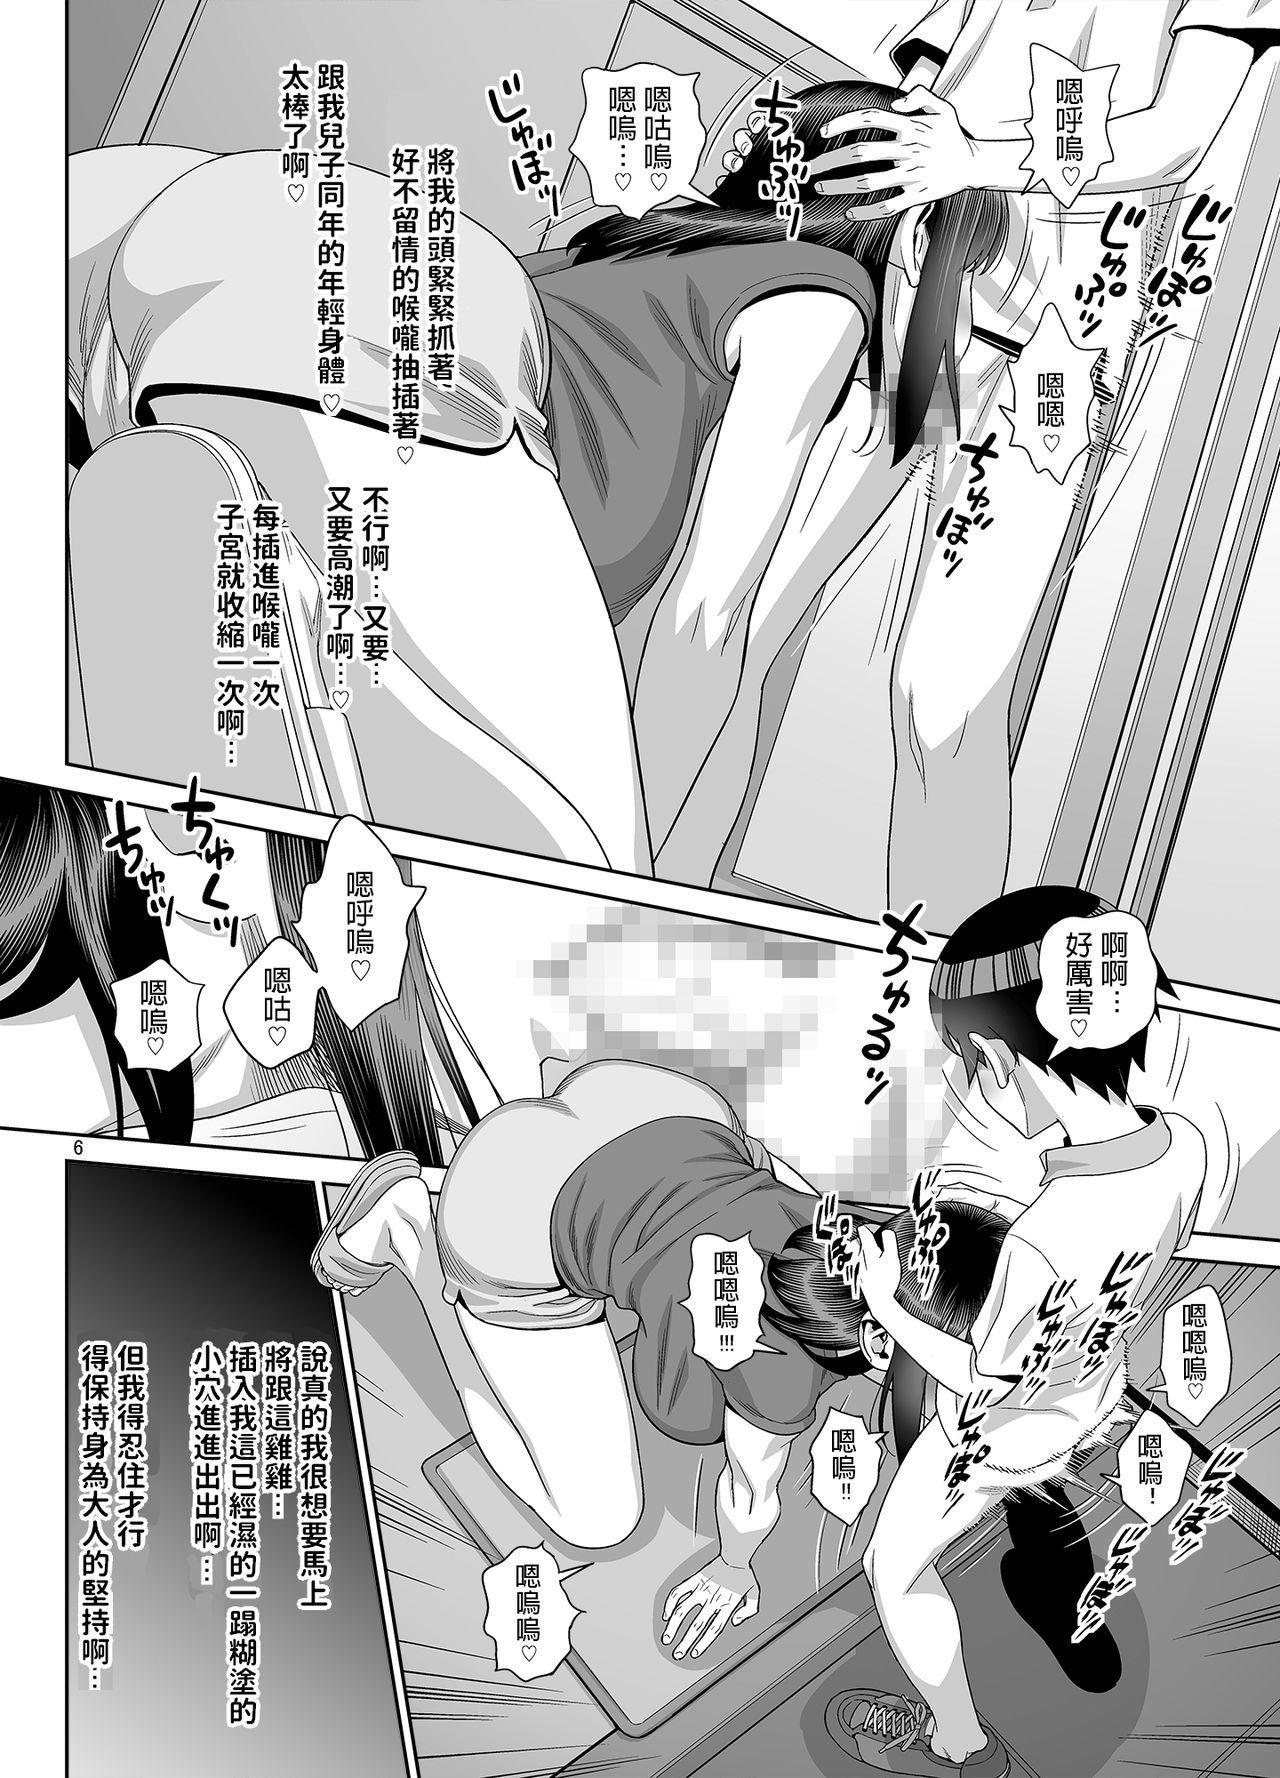 Himitsu no Houkago Sex Nikki 4